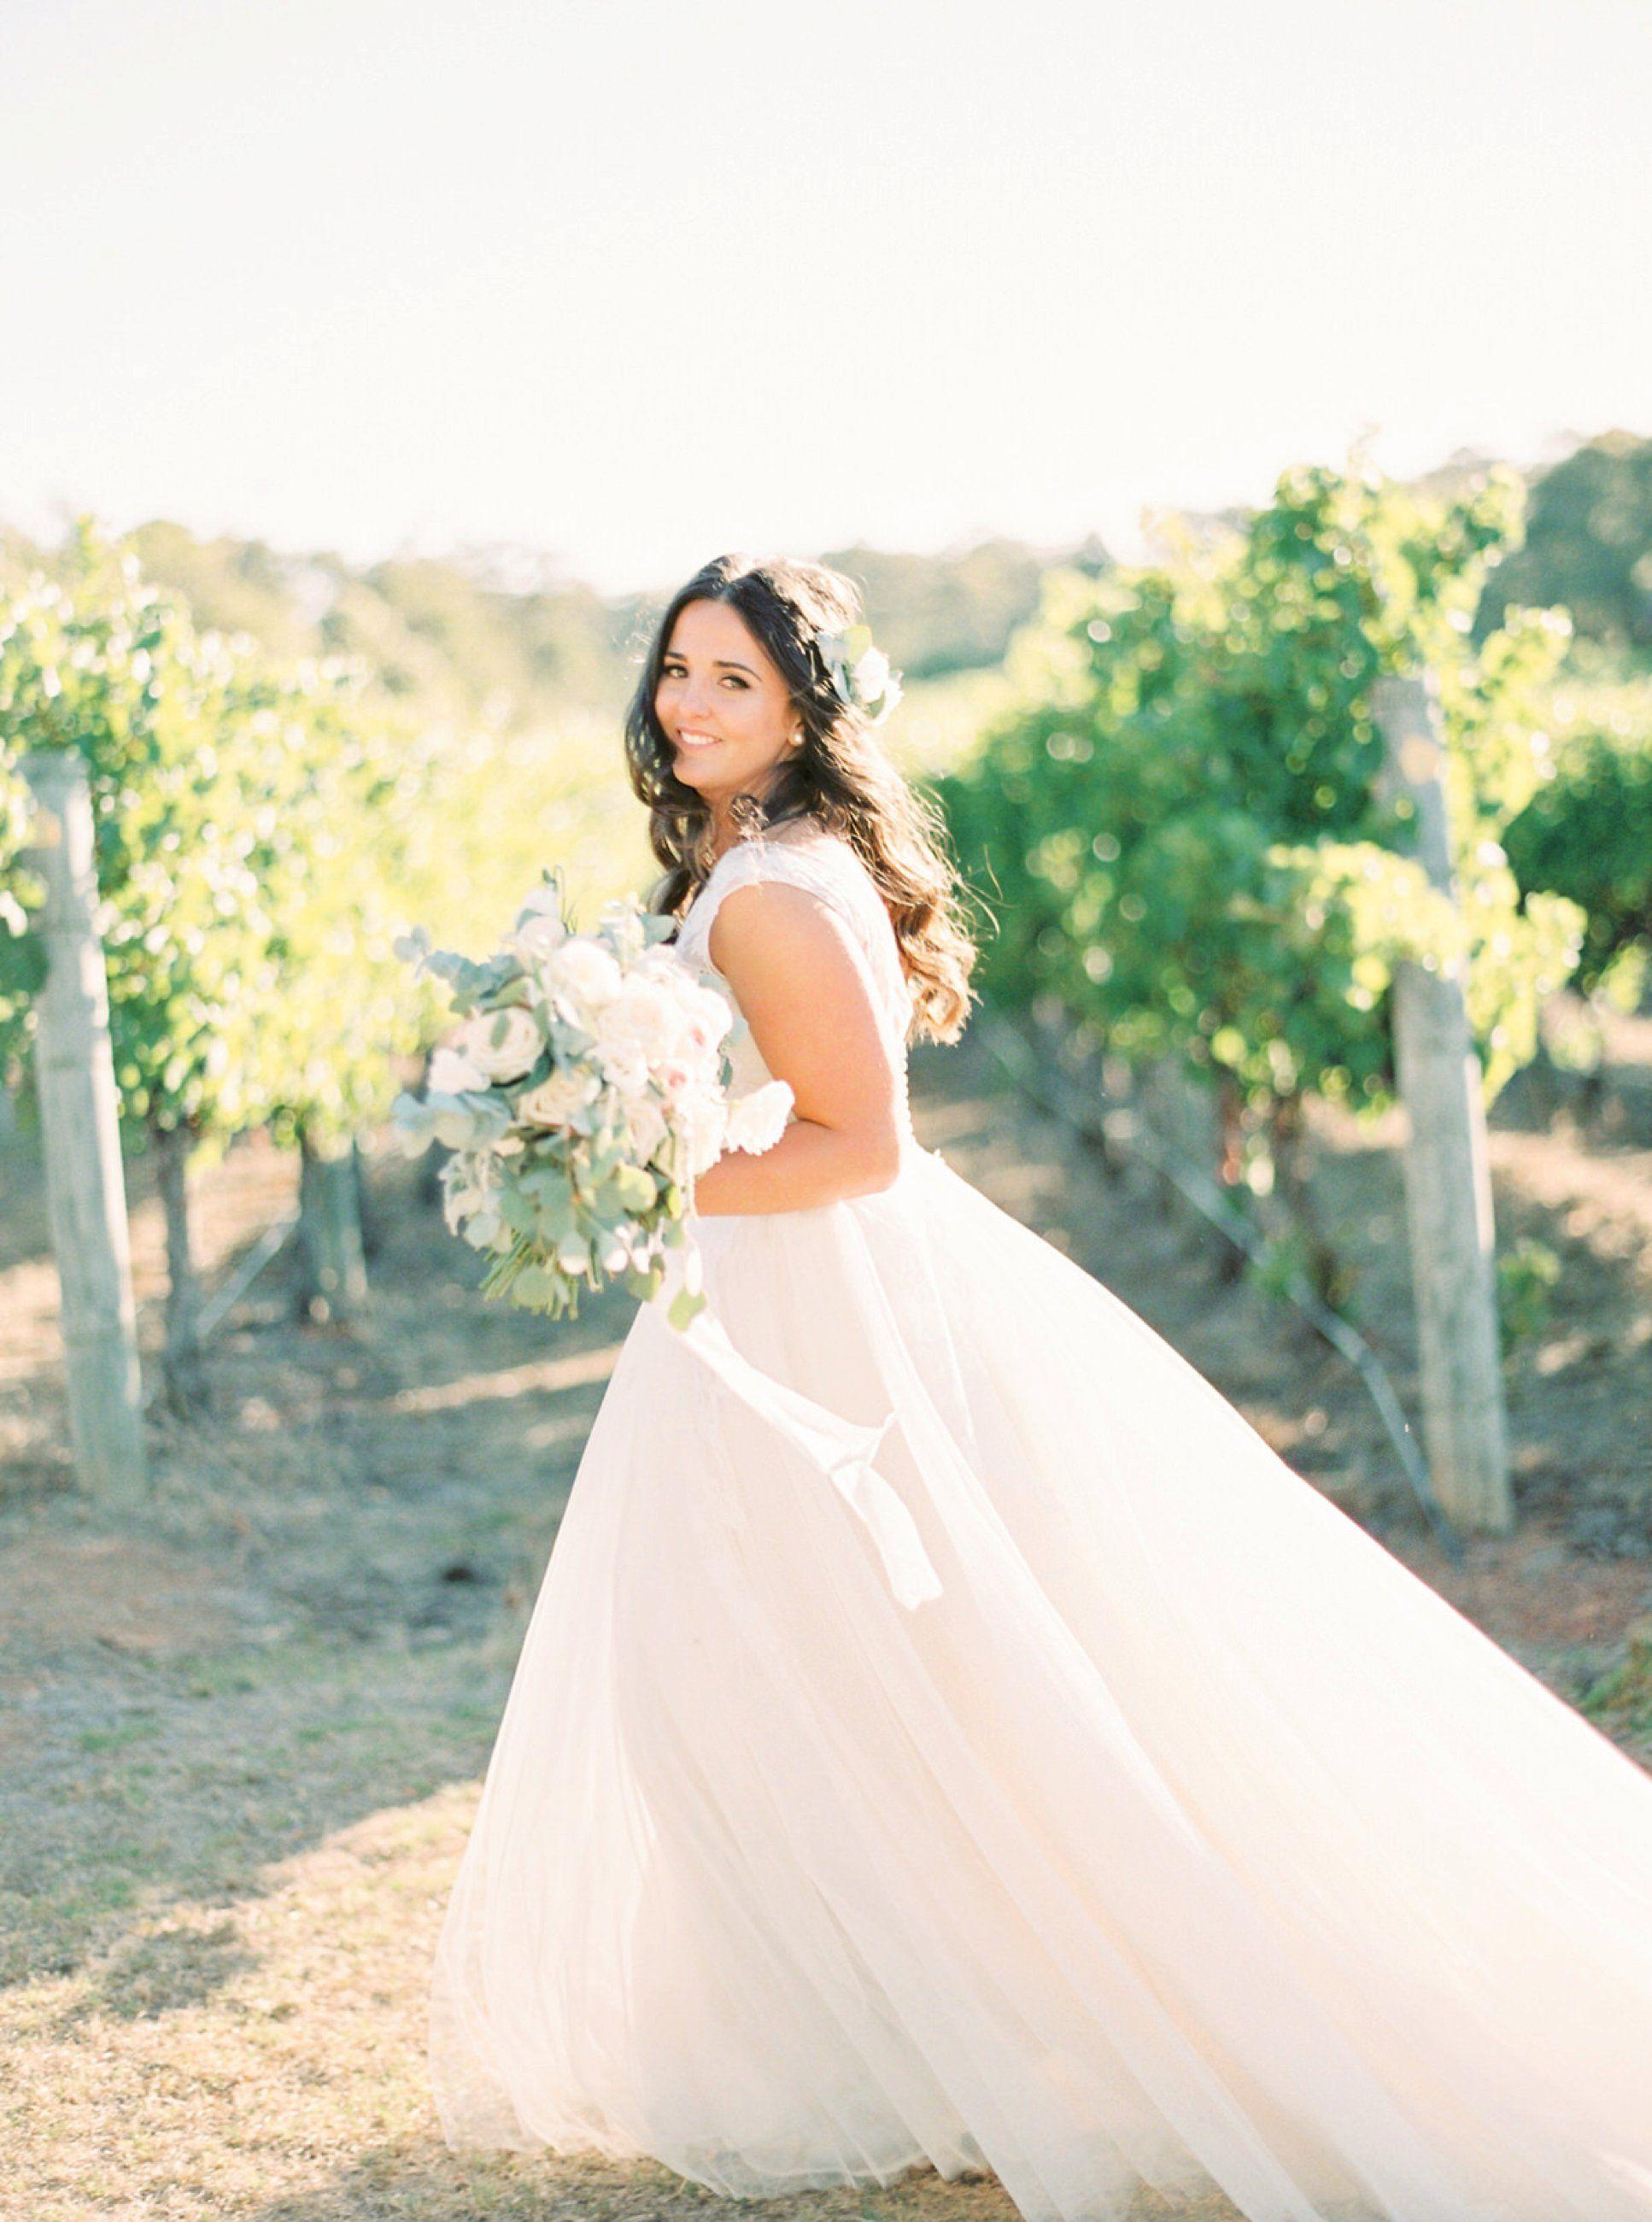 Best Margaret River Wedding Photographer Published